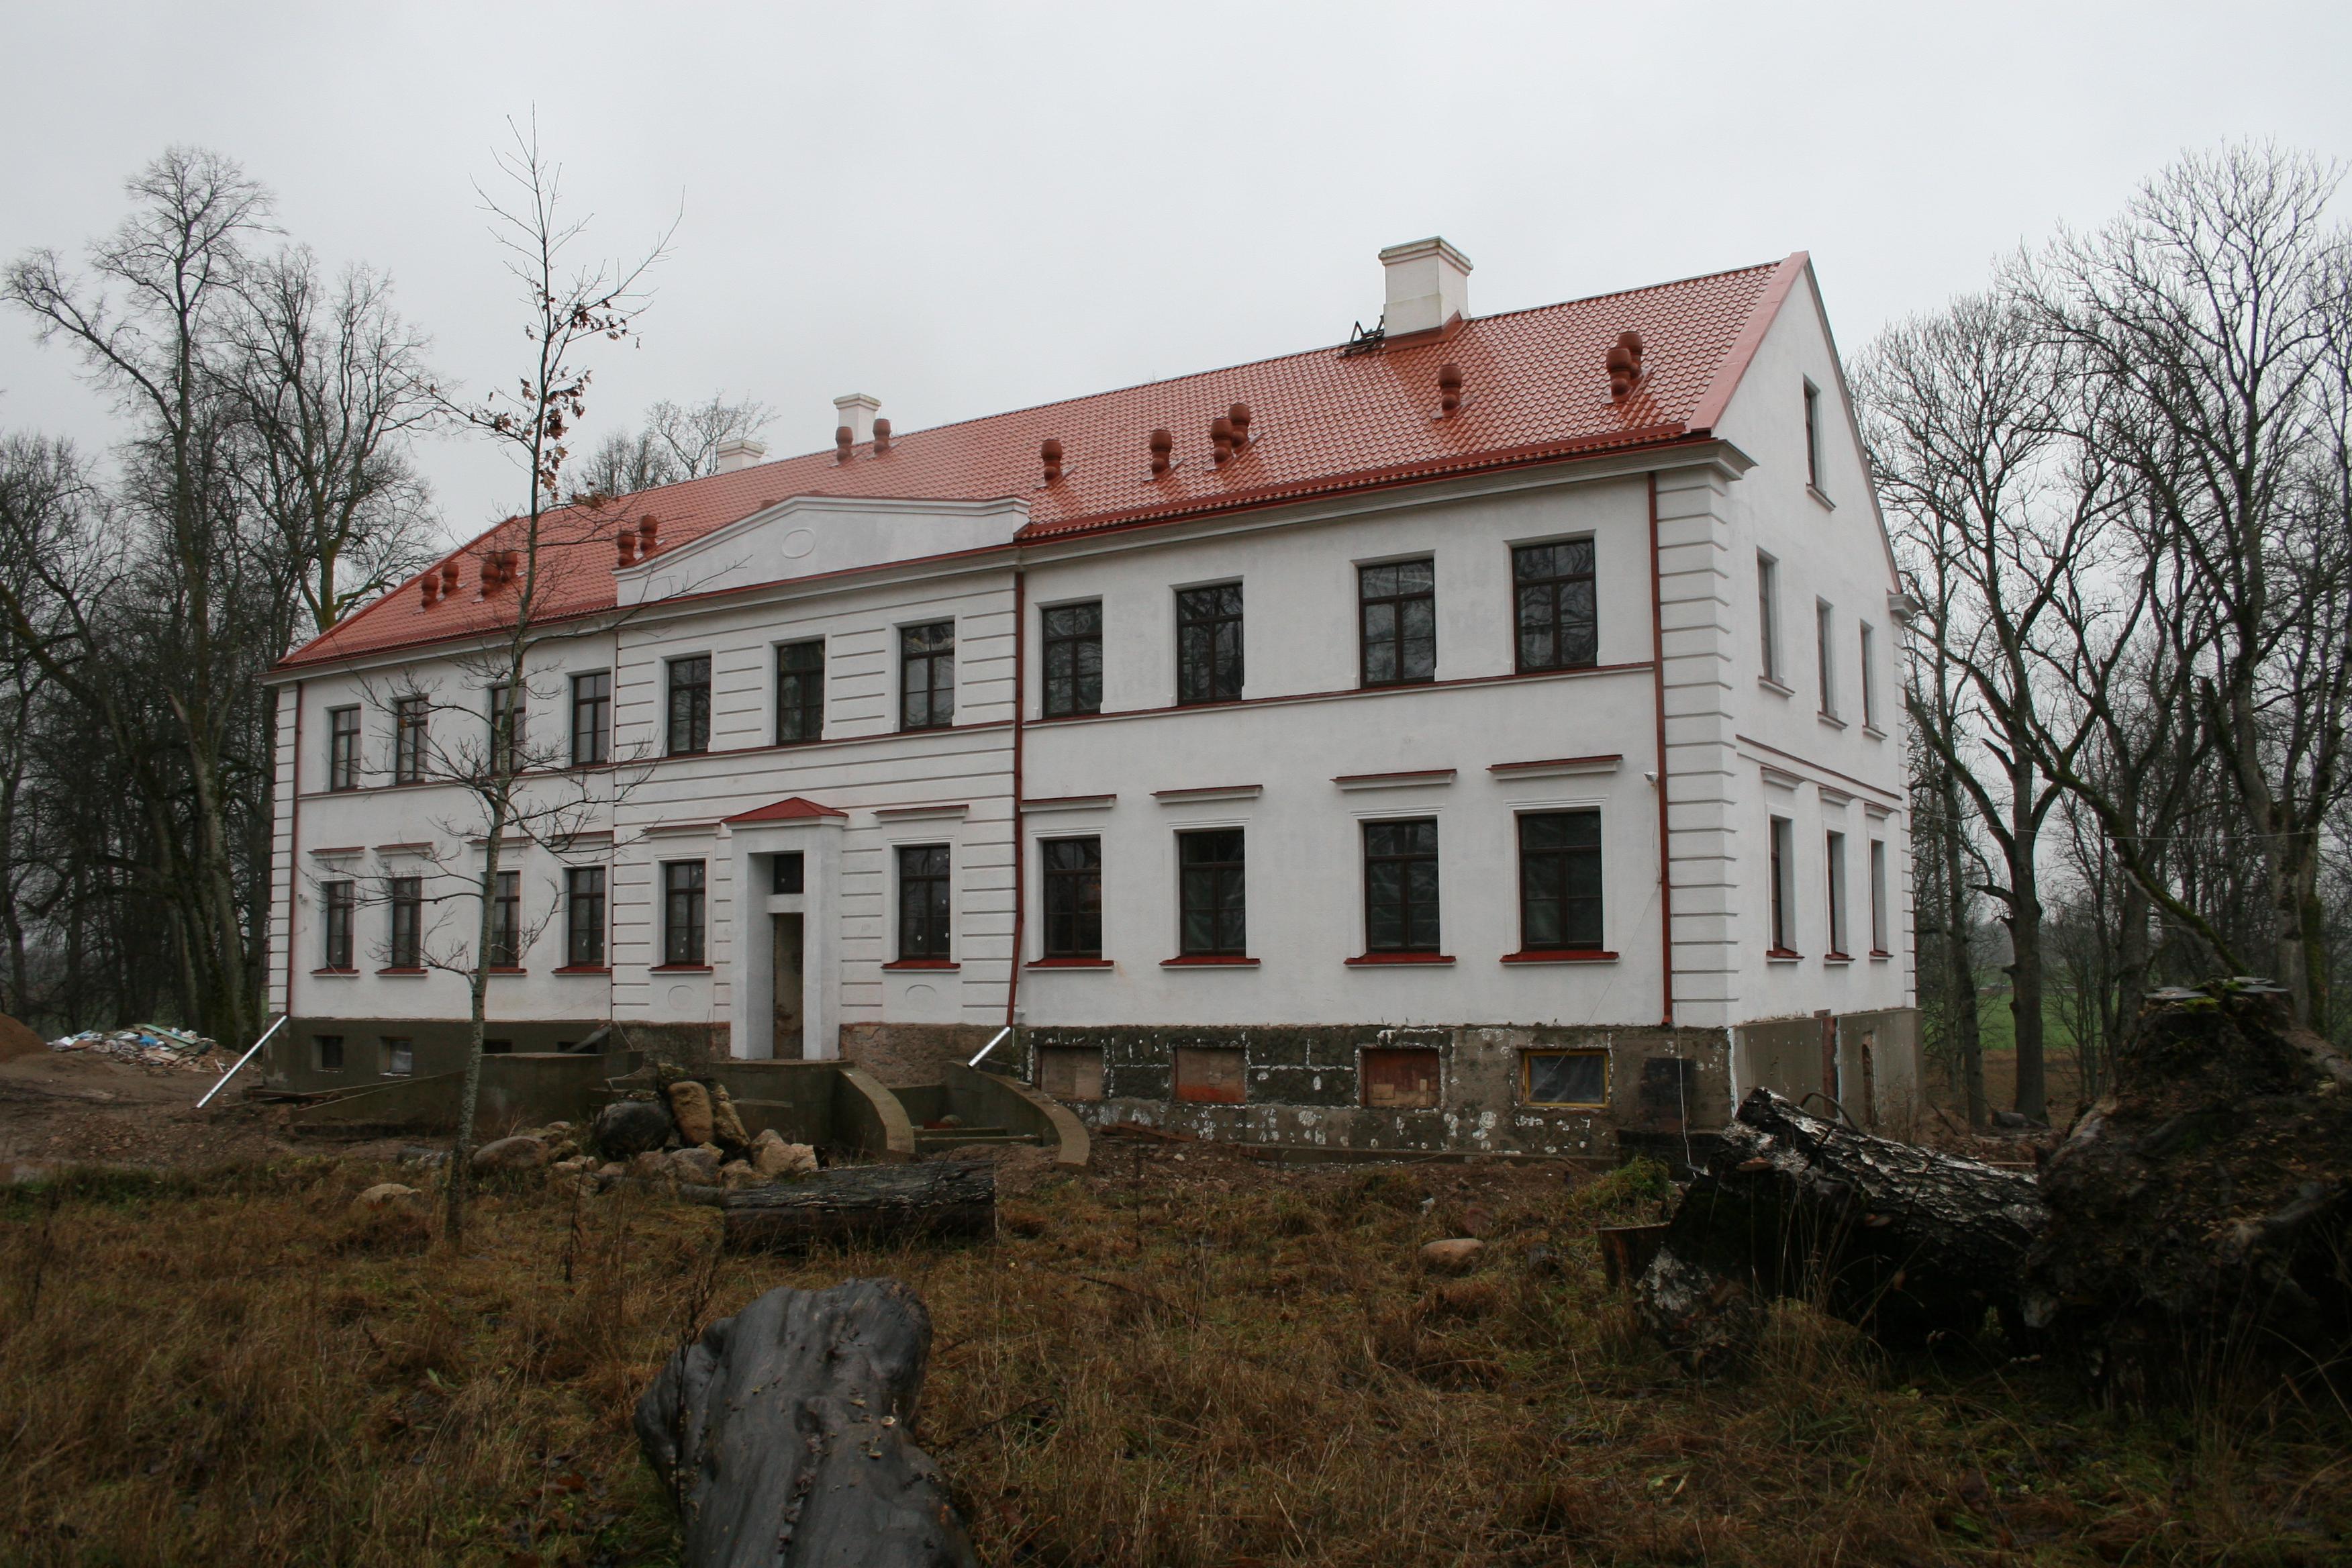 (Courland, Latvia), in renovation process - ainars brūvelis - Panoramio.jpg Lielvirbi manor AD1870 at 2006 (Courland, Latvia), in renovation process Date 19